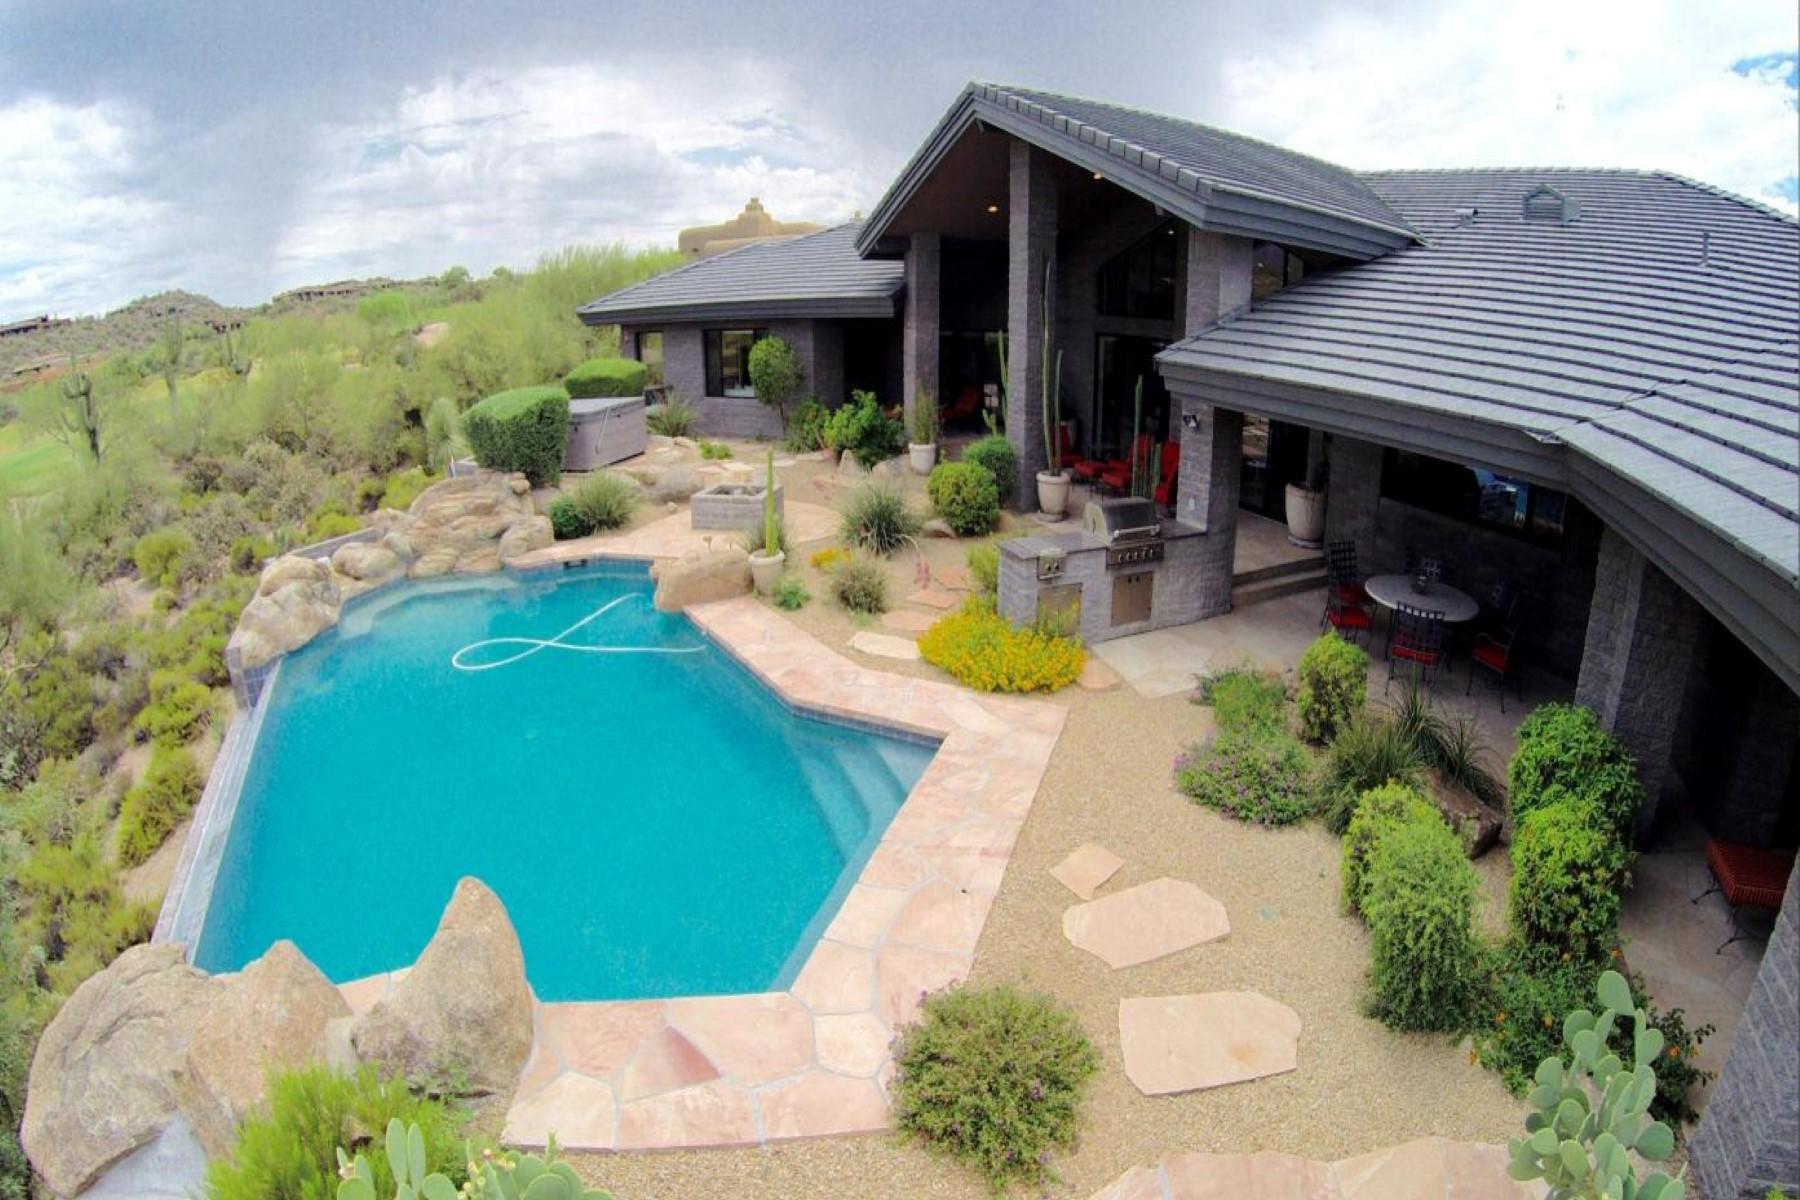 一戸建て のために 売買 アット Incredible splitface block contemporary with unobstructed golf course views. 9490 E RISING SUN DR Scottsdale, アリゾナ 85262 アメリカ合衆国